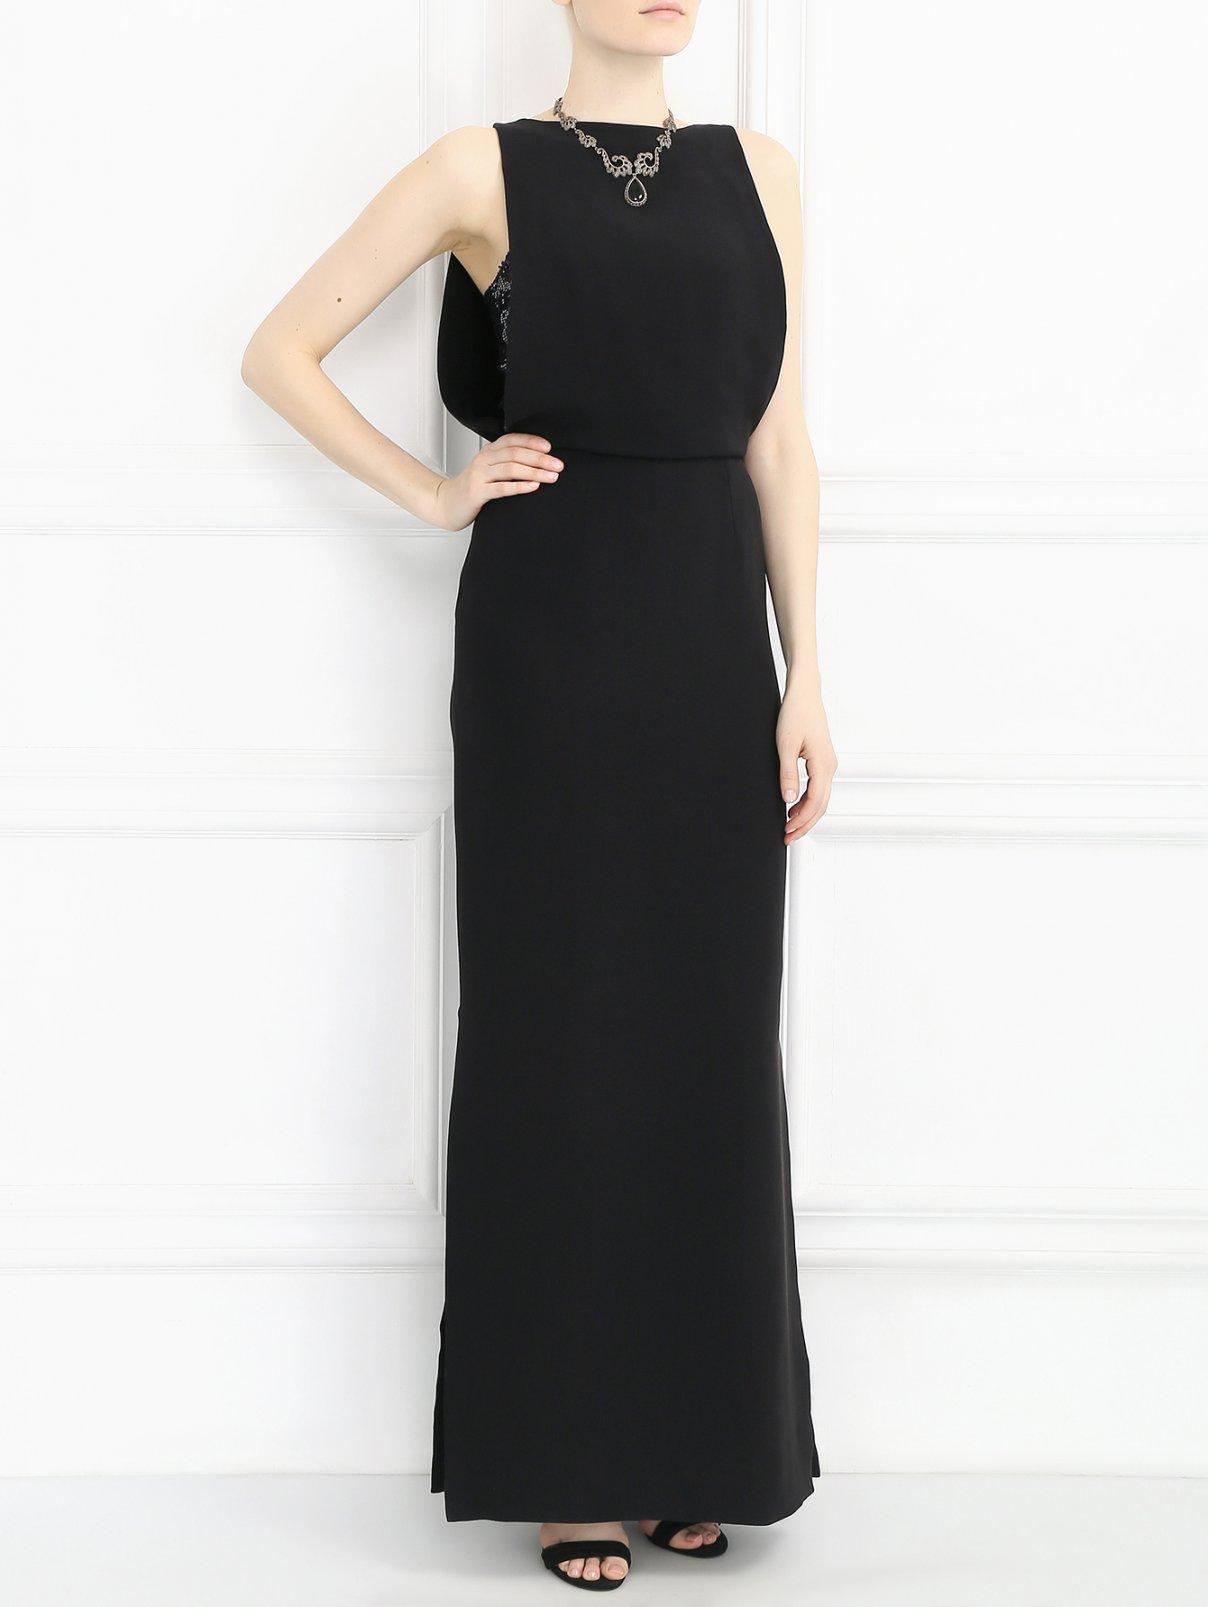 Платье-макси из шелка декорированное пайетками Yves Salomon  –  Модель Общий вид  – Цвет:  Черный